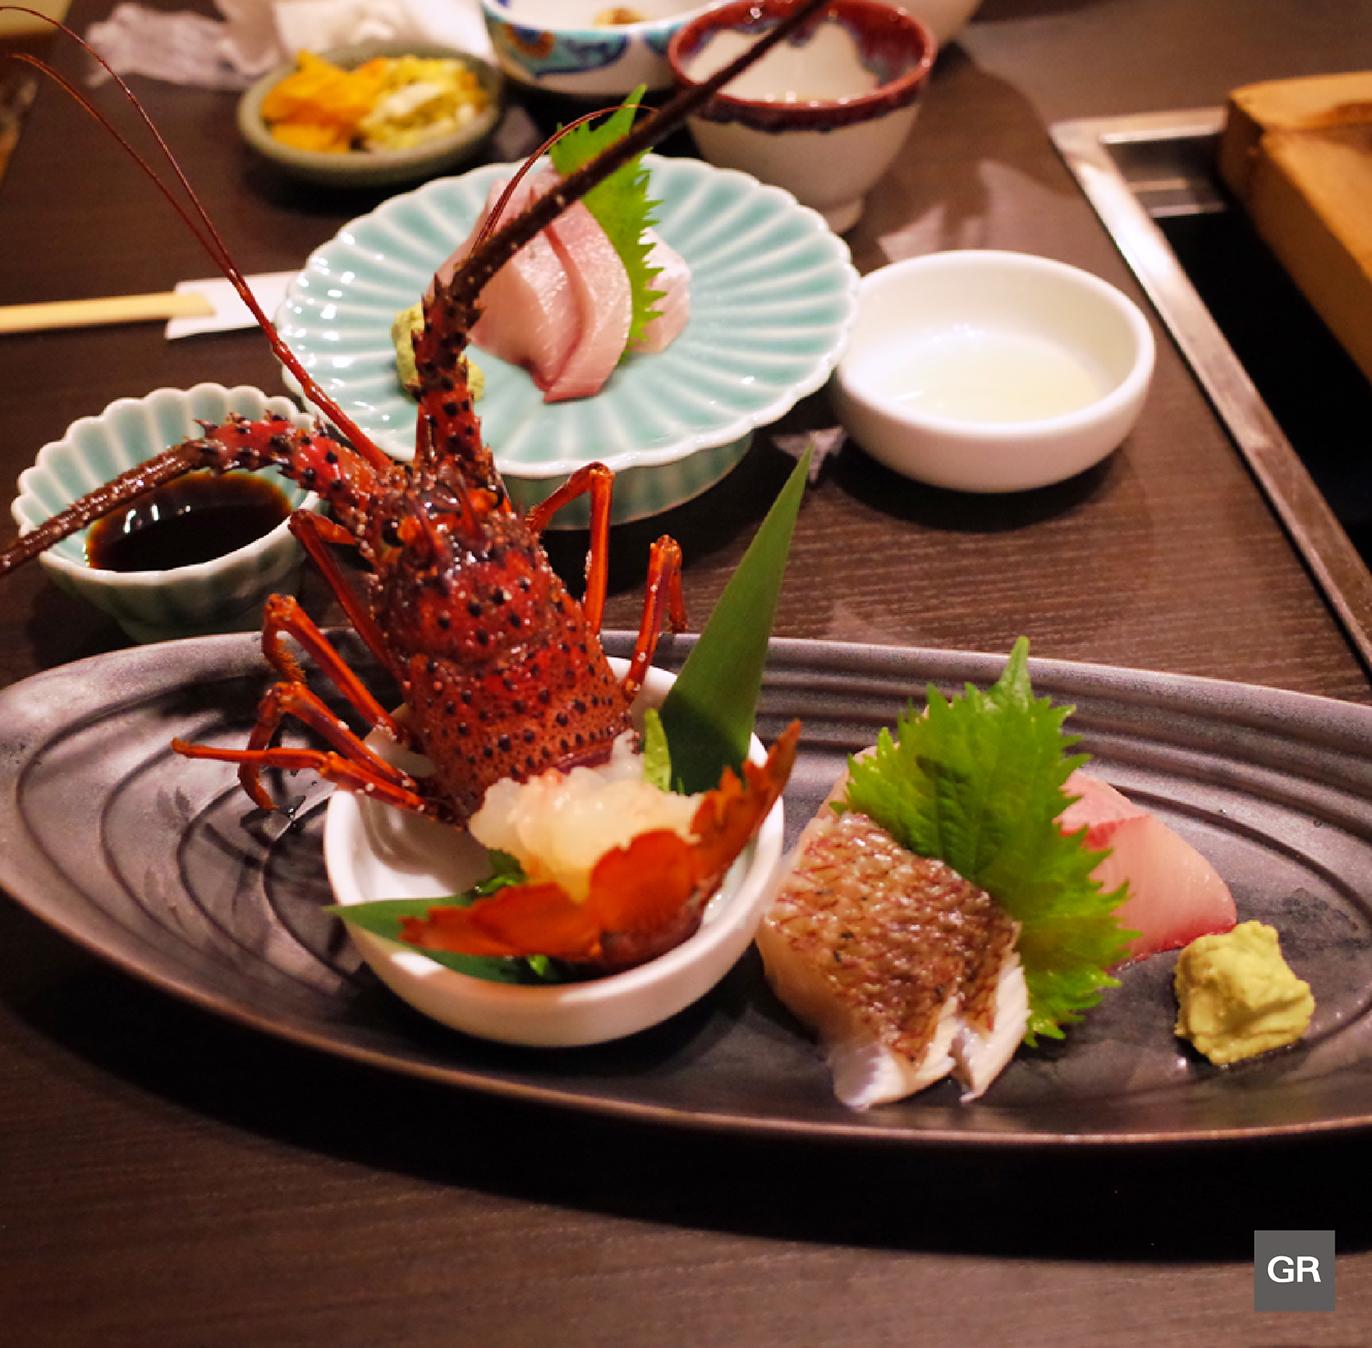 ซาชิมิ กุ้งมังกรอิเสะ (ISE-EBI) ของร้าน KAGETU